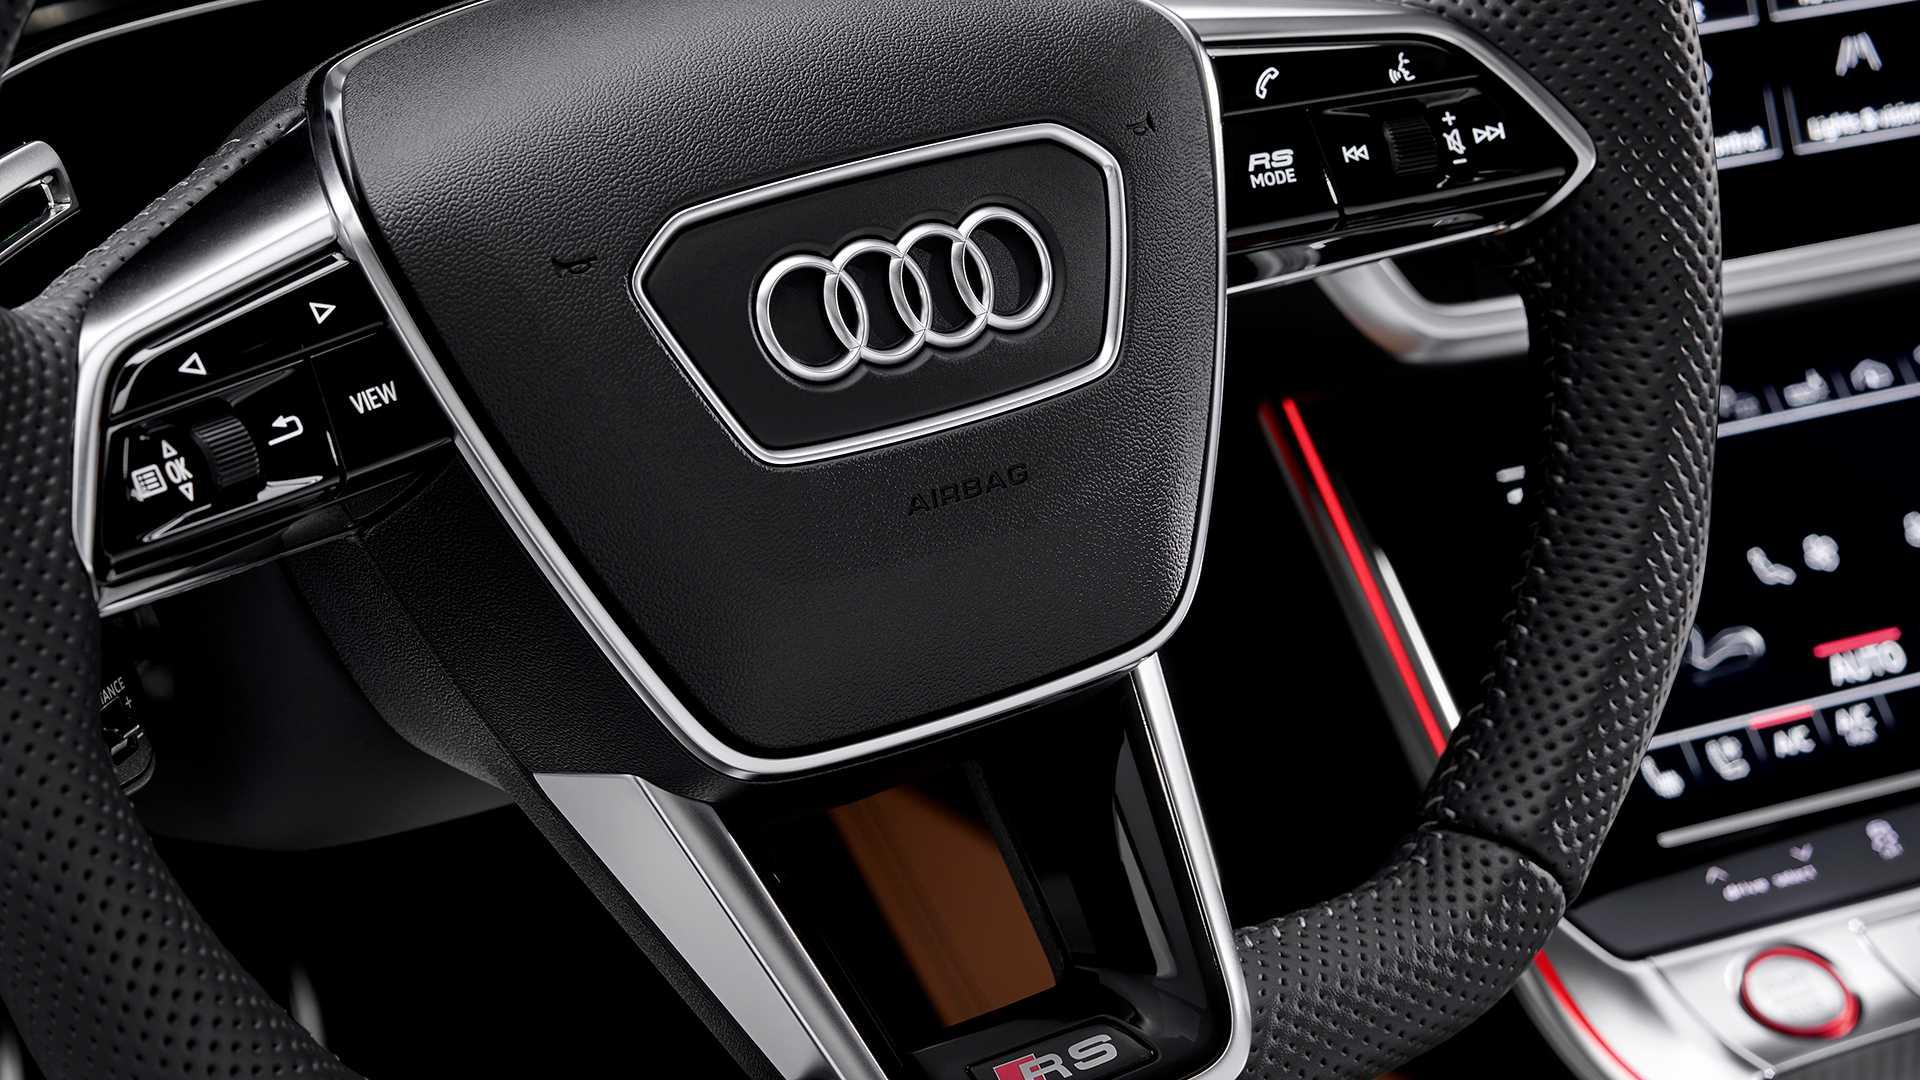 Audi RS6 Avant lần đầu ra mắt tại Mỹ kỷ niệm 25 năm dòng xe RS của Audi - 15